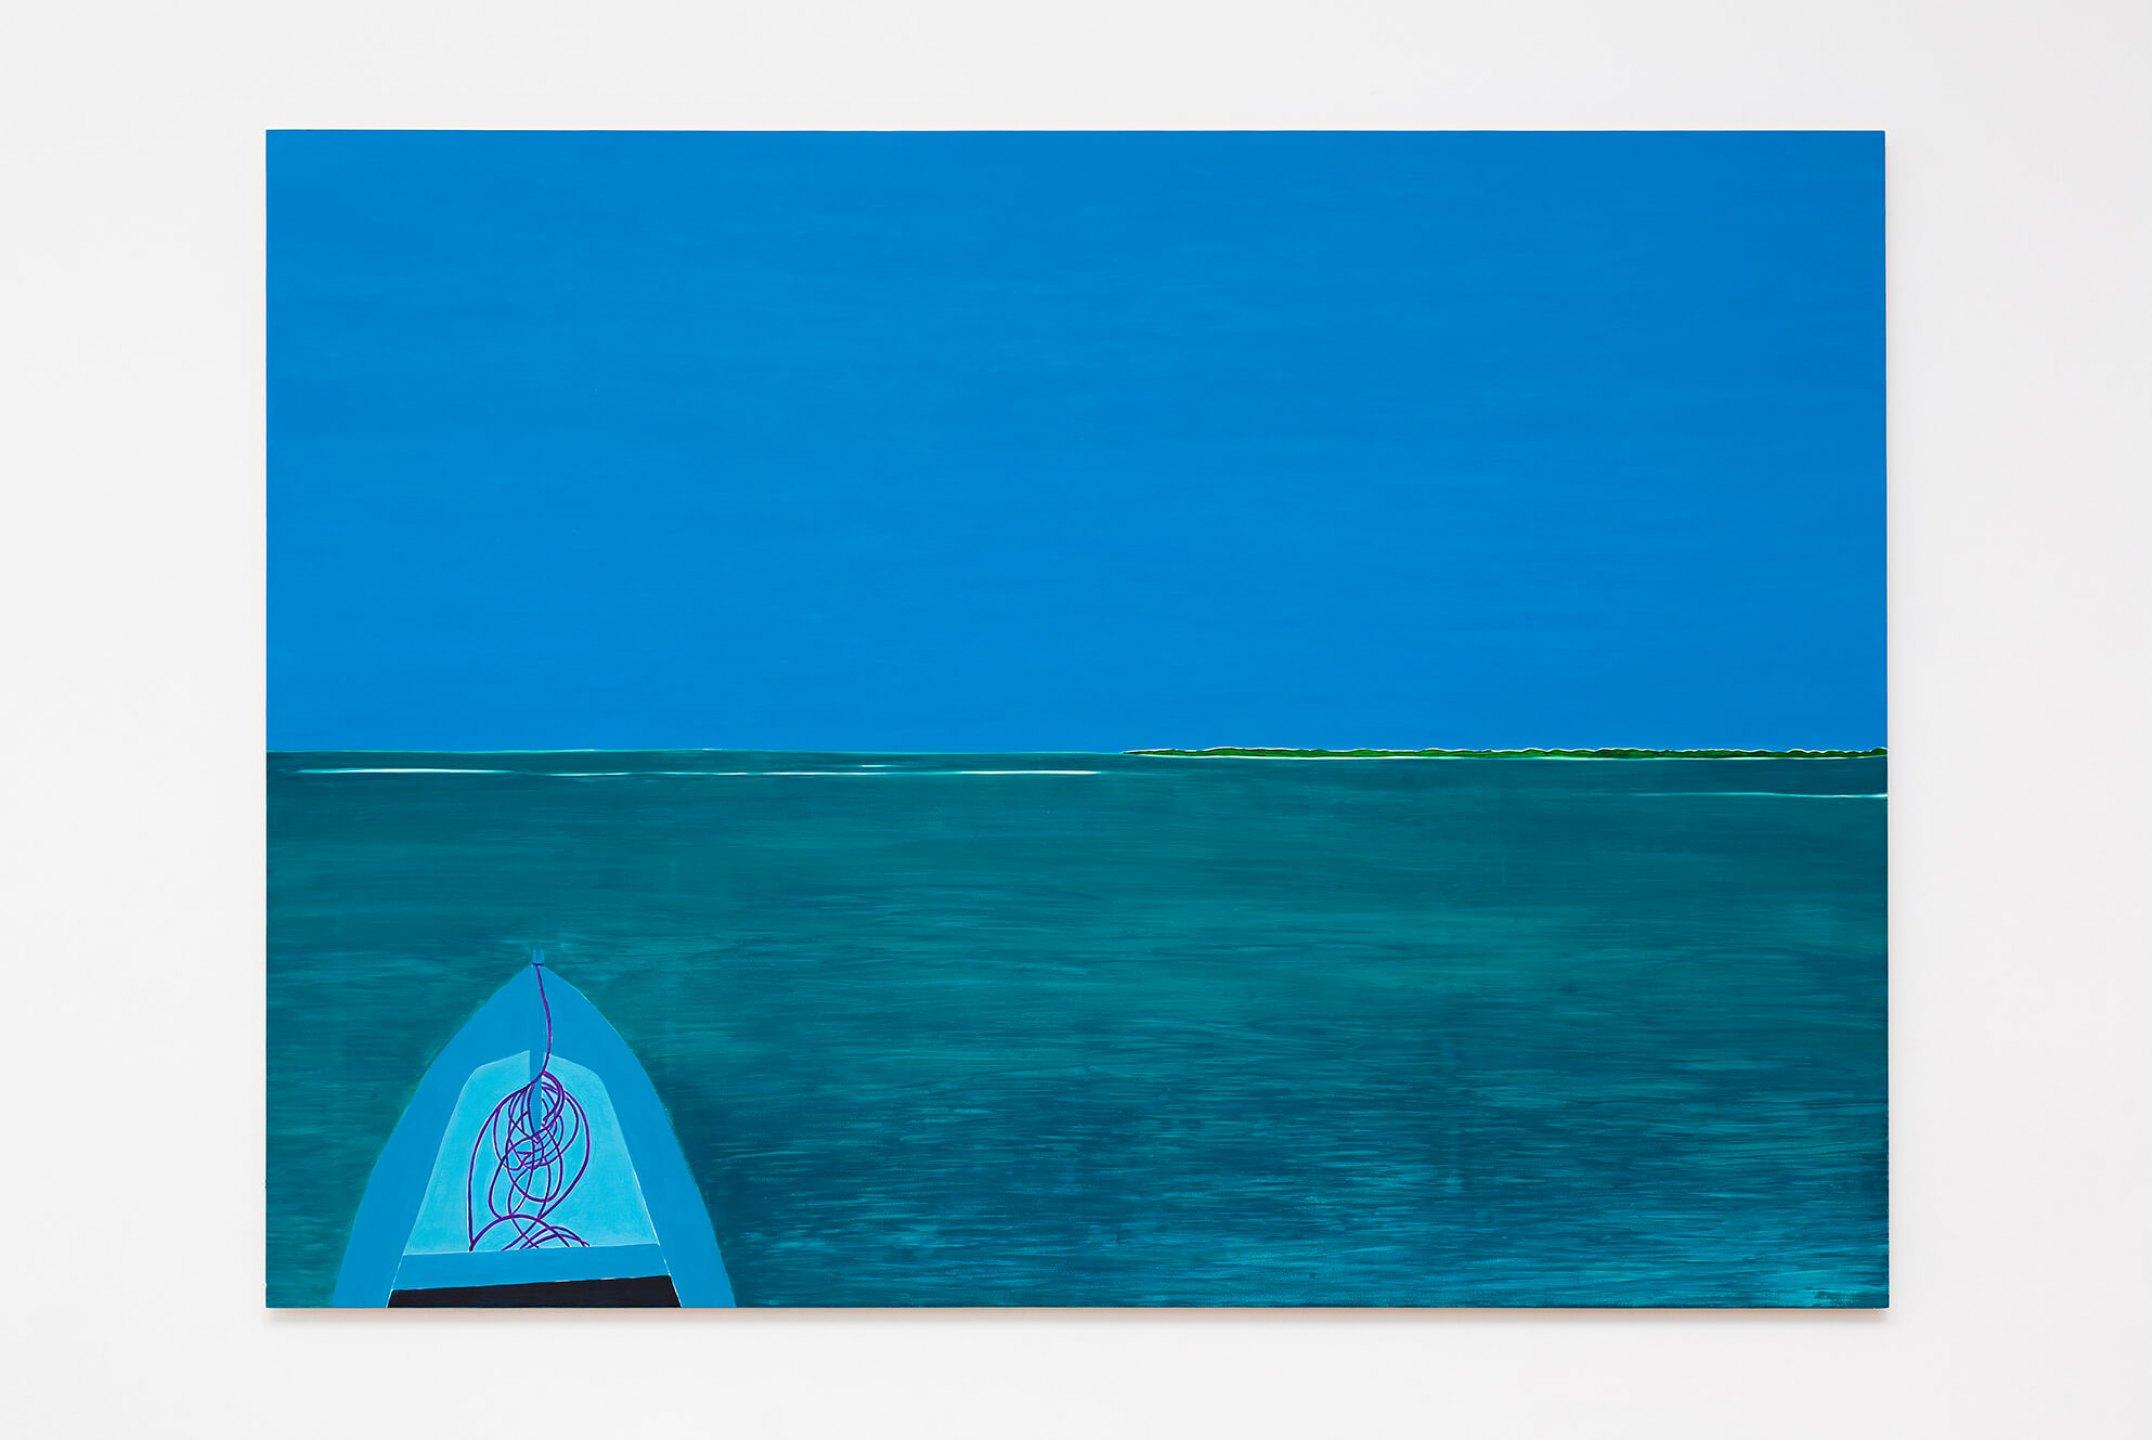 Patricia Leite, <em>Mr. Djalma's canoe, </em>2014, oil on wood, 160 × 220 cm - Mendes Wood DM